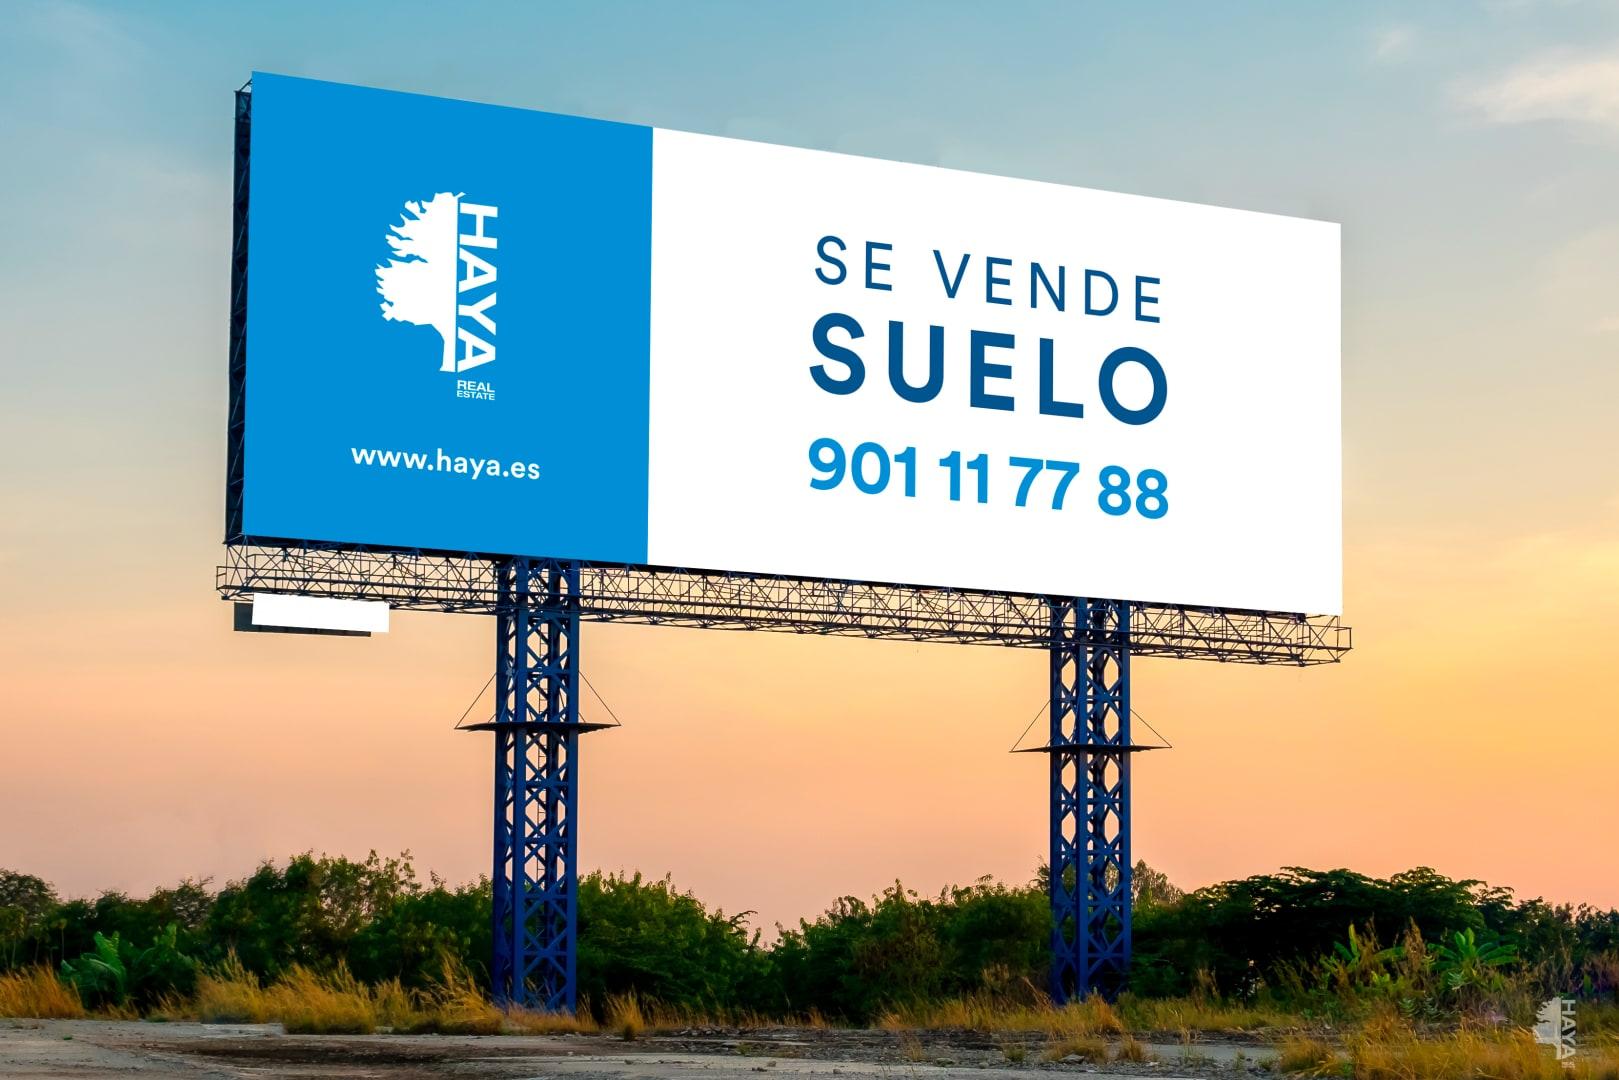 Suelo en venta en Oviedo, Asturias, Lugar Canto la Forca, 900 €, 600 m2